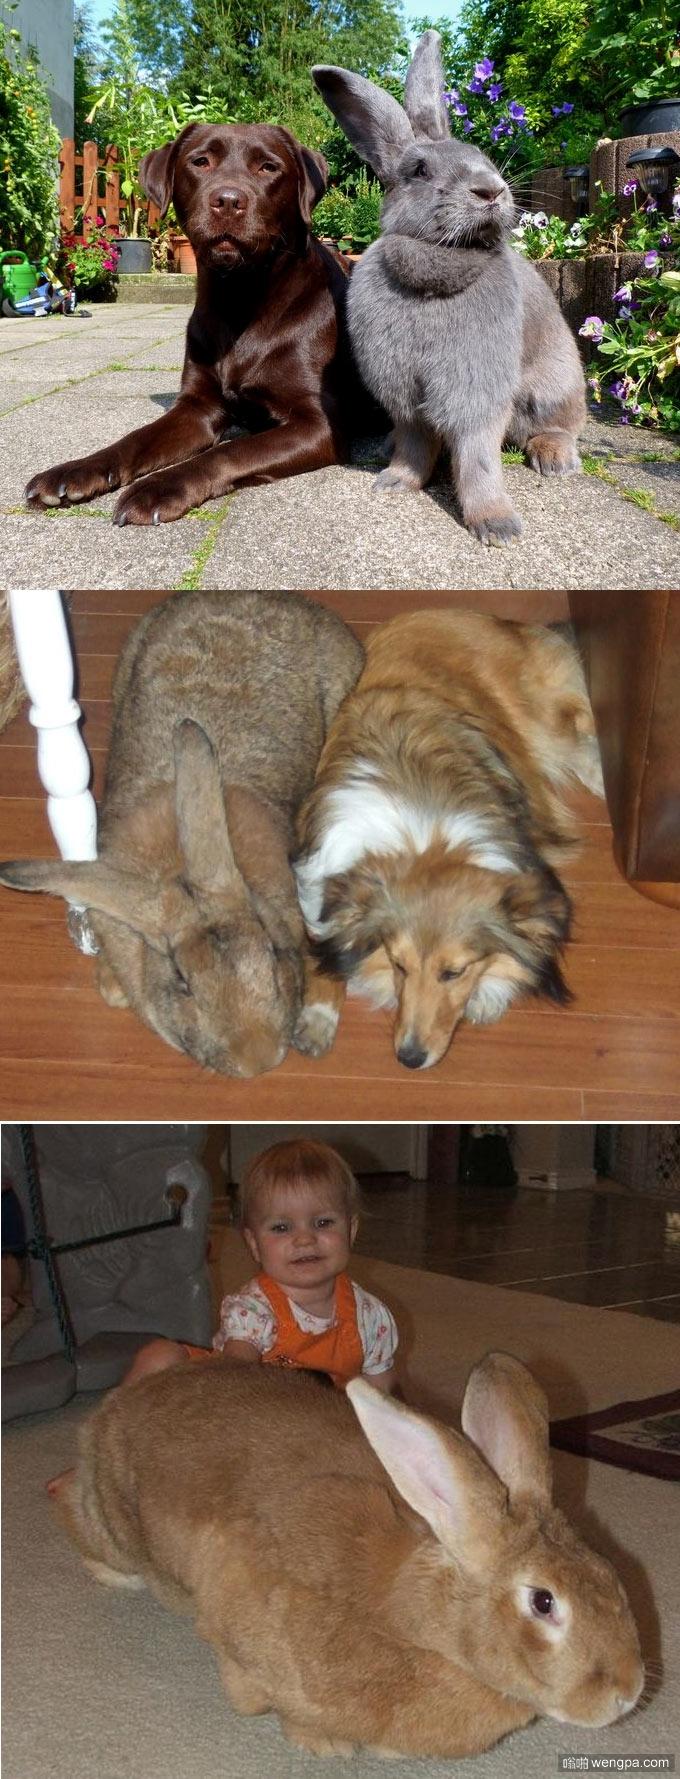 超级巨型兔子 体型与大型犬只差不多了 - 嗡啪网